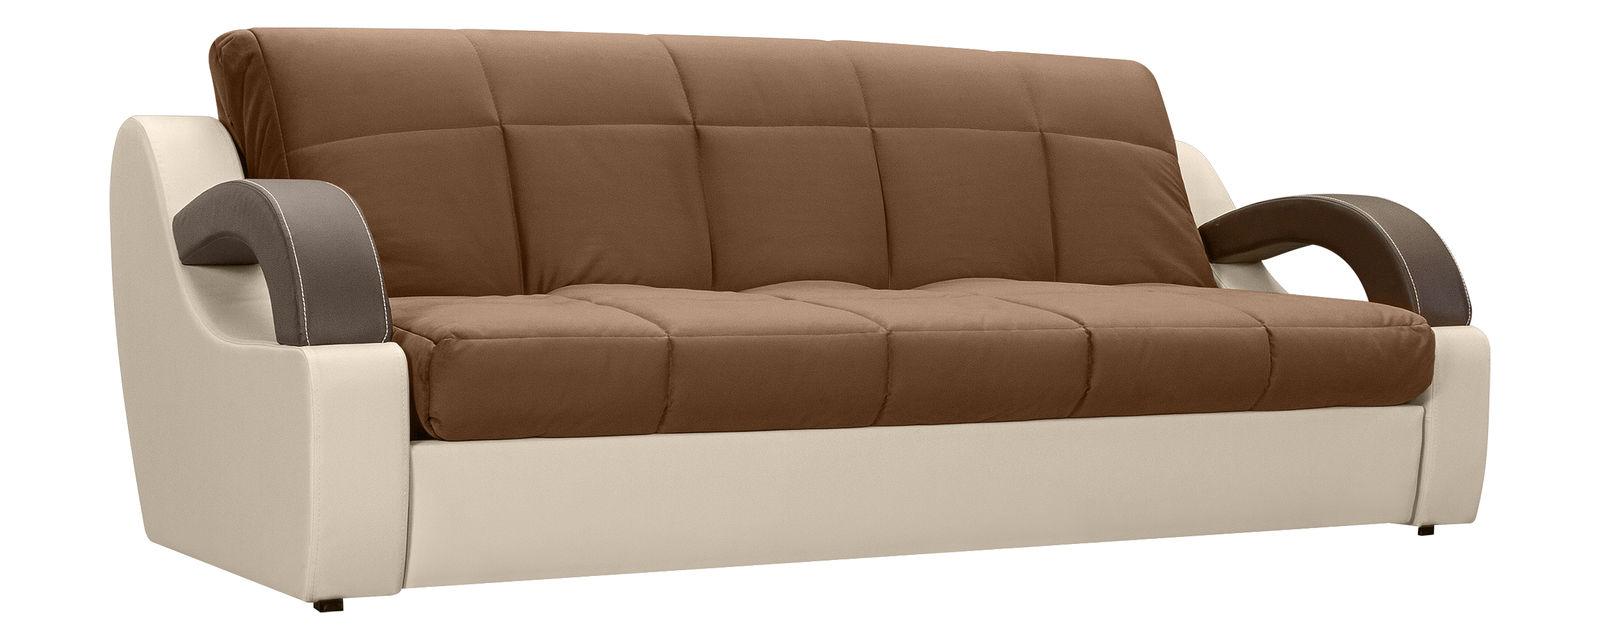 описание Диван тканевый прямой Мадрид Velure коричневый (Ткань + Экокожа)